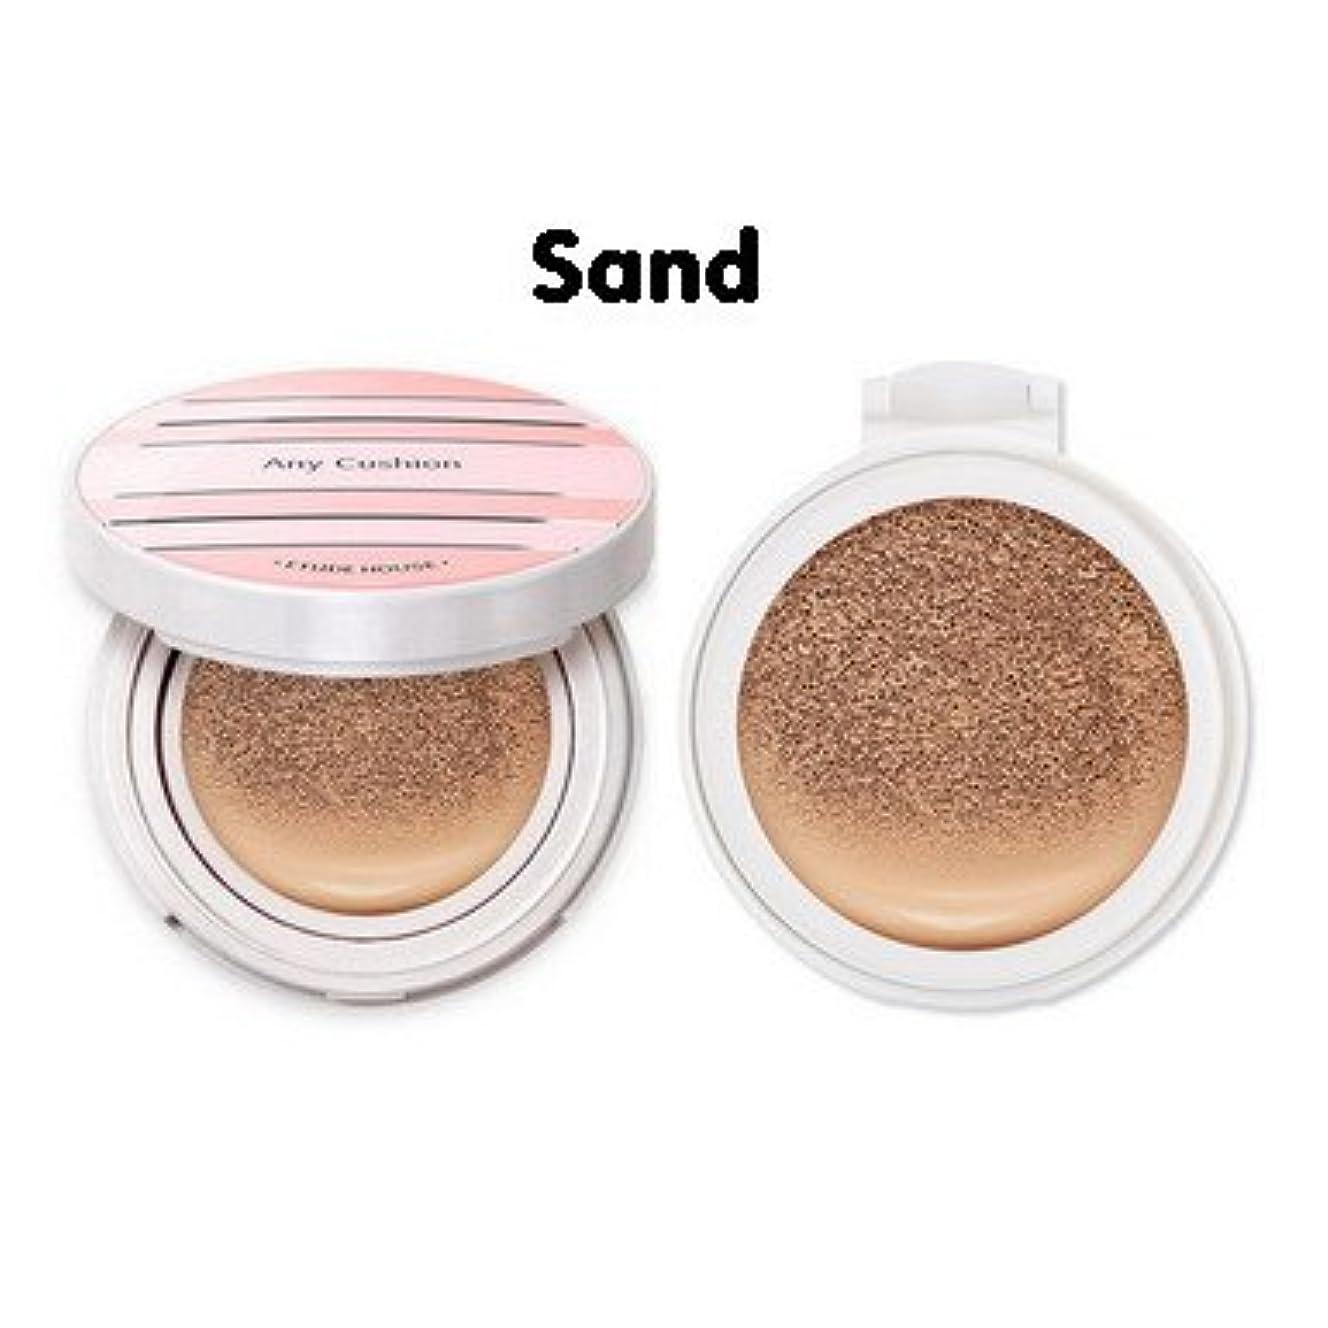 速報調停するパフ【ETUDE HOUSE(エチュードハウス)】エニクッション オールデーパーフェクト15g+15g (本品+リフィル) (SPF50+/ PA+++) (6カラー選択1) (Sand) [並行輸入品]